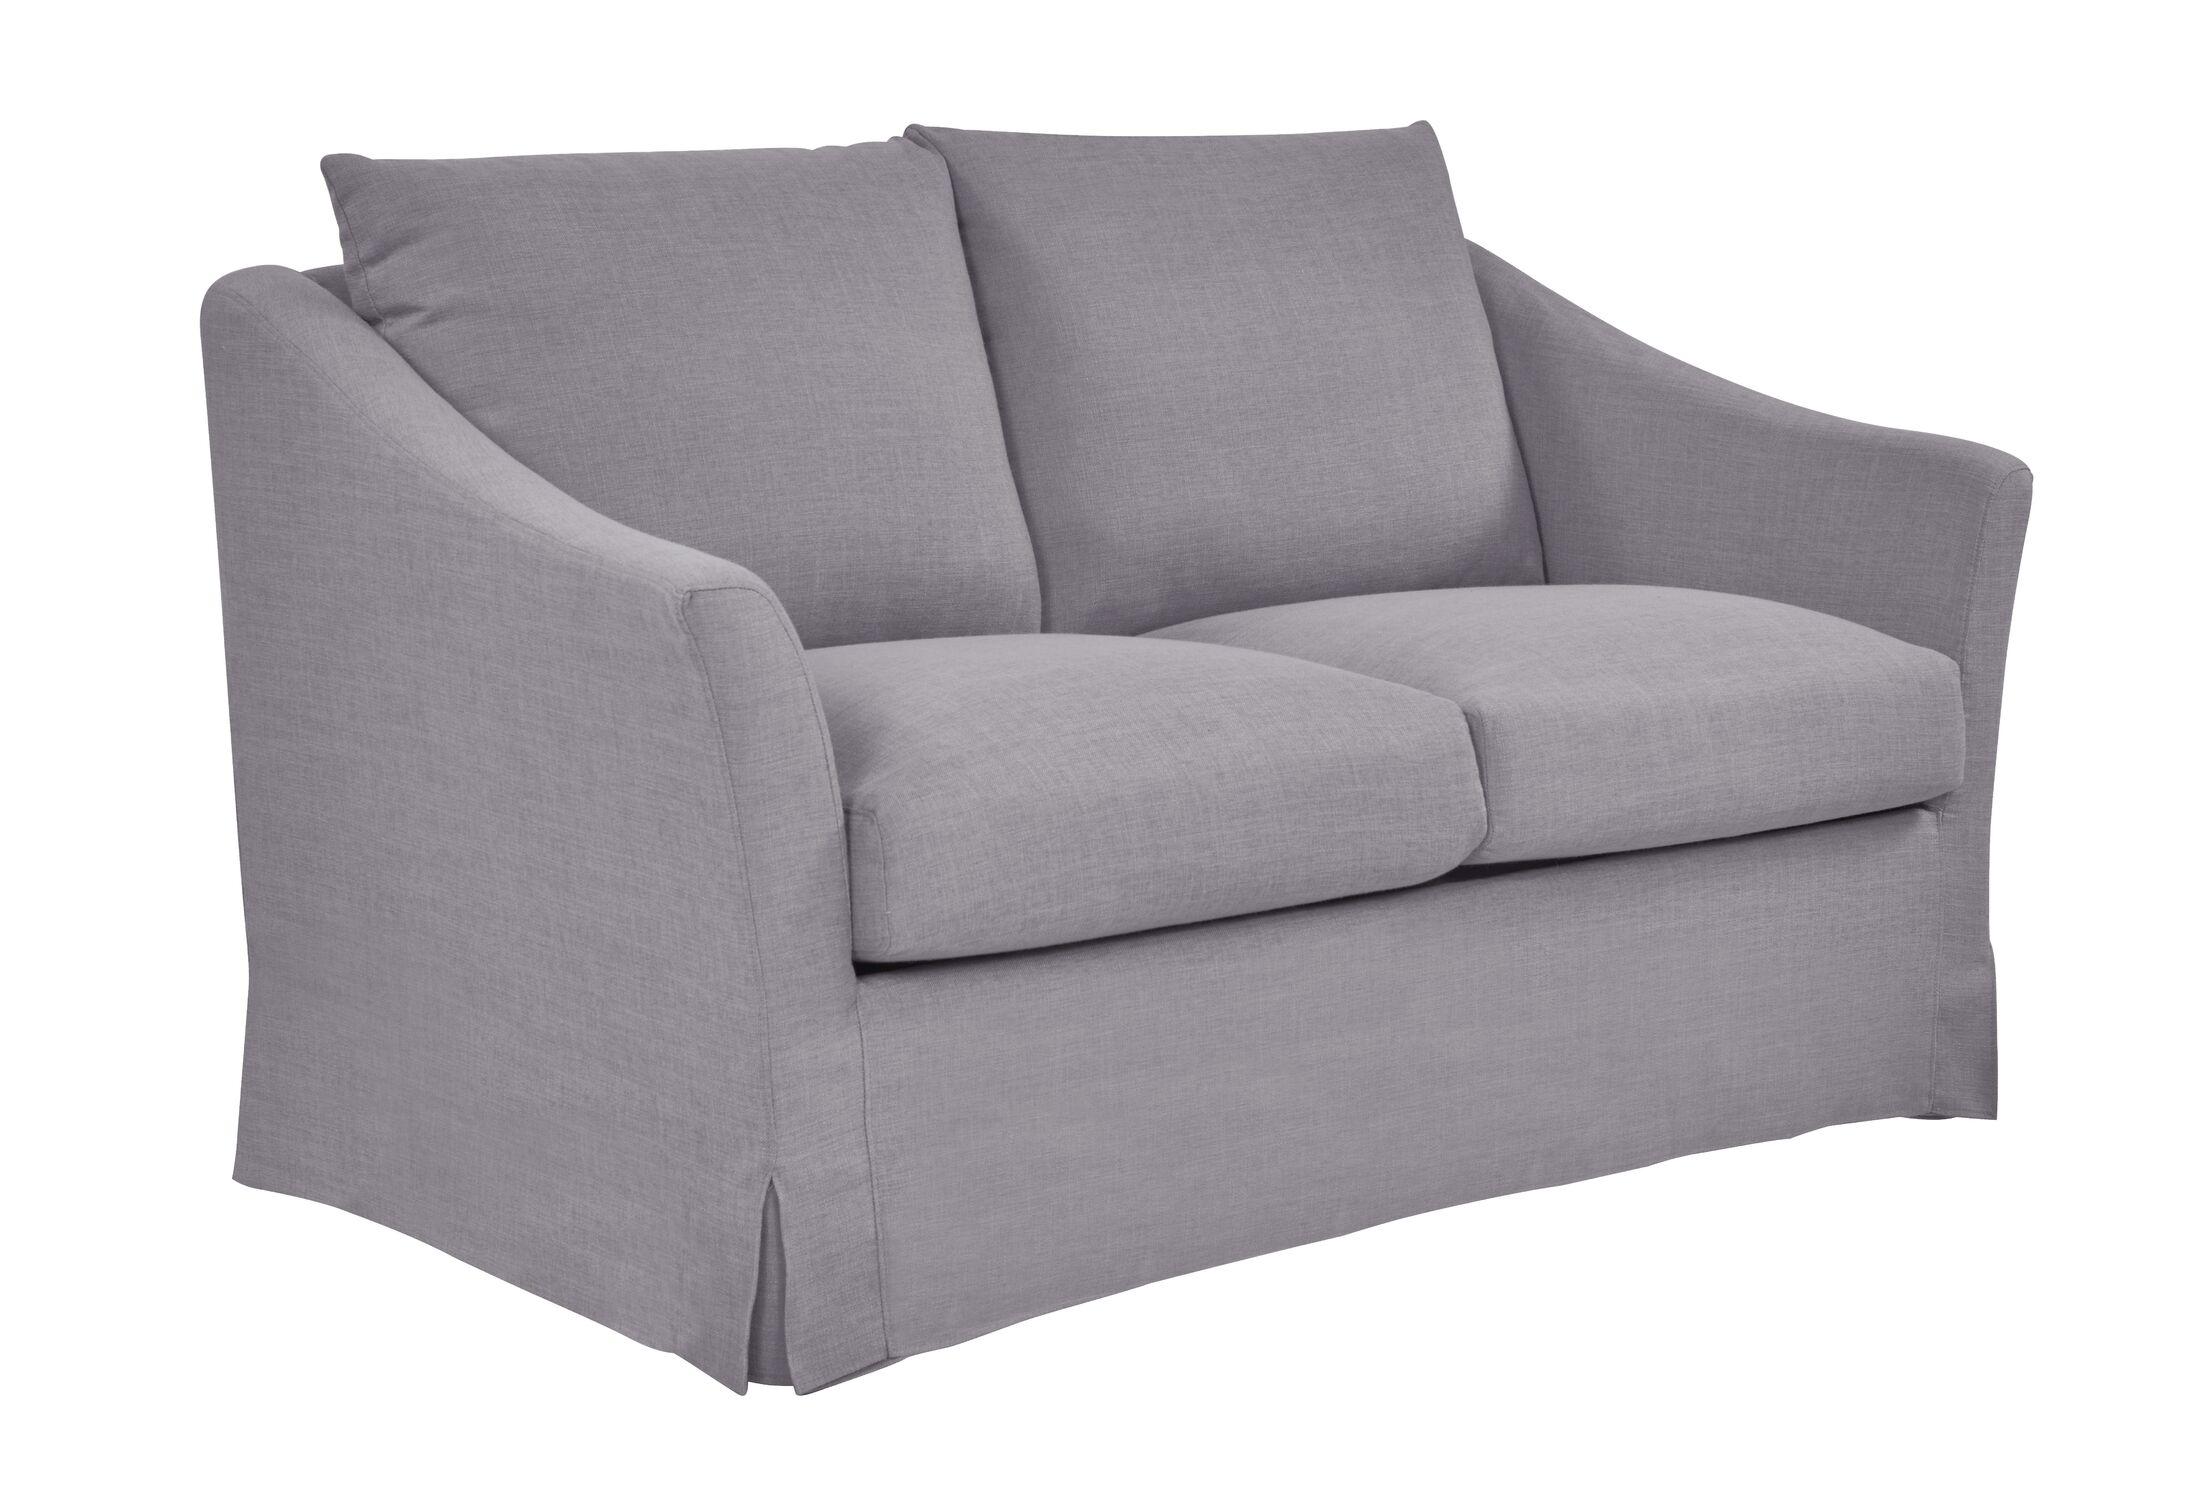 Tomlin Loveseat Upholstery: Fog